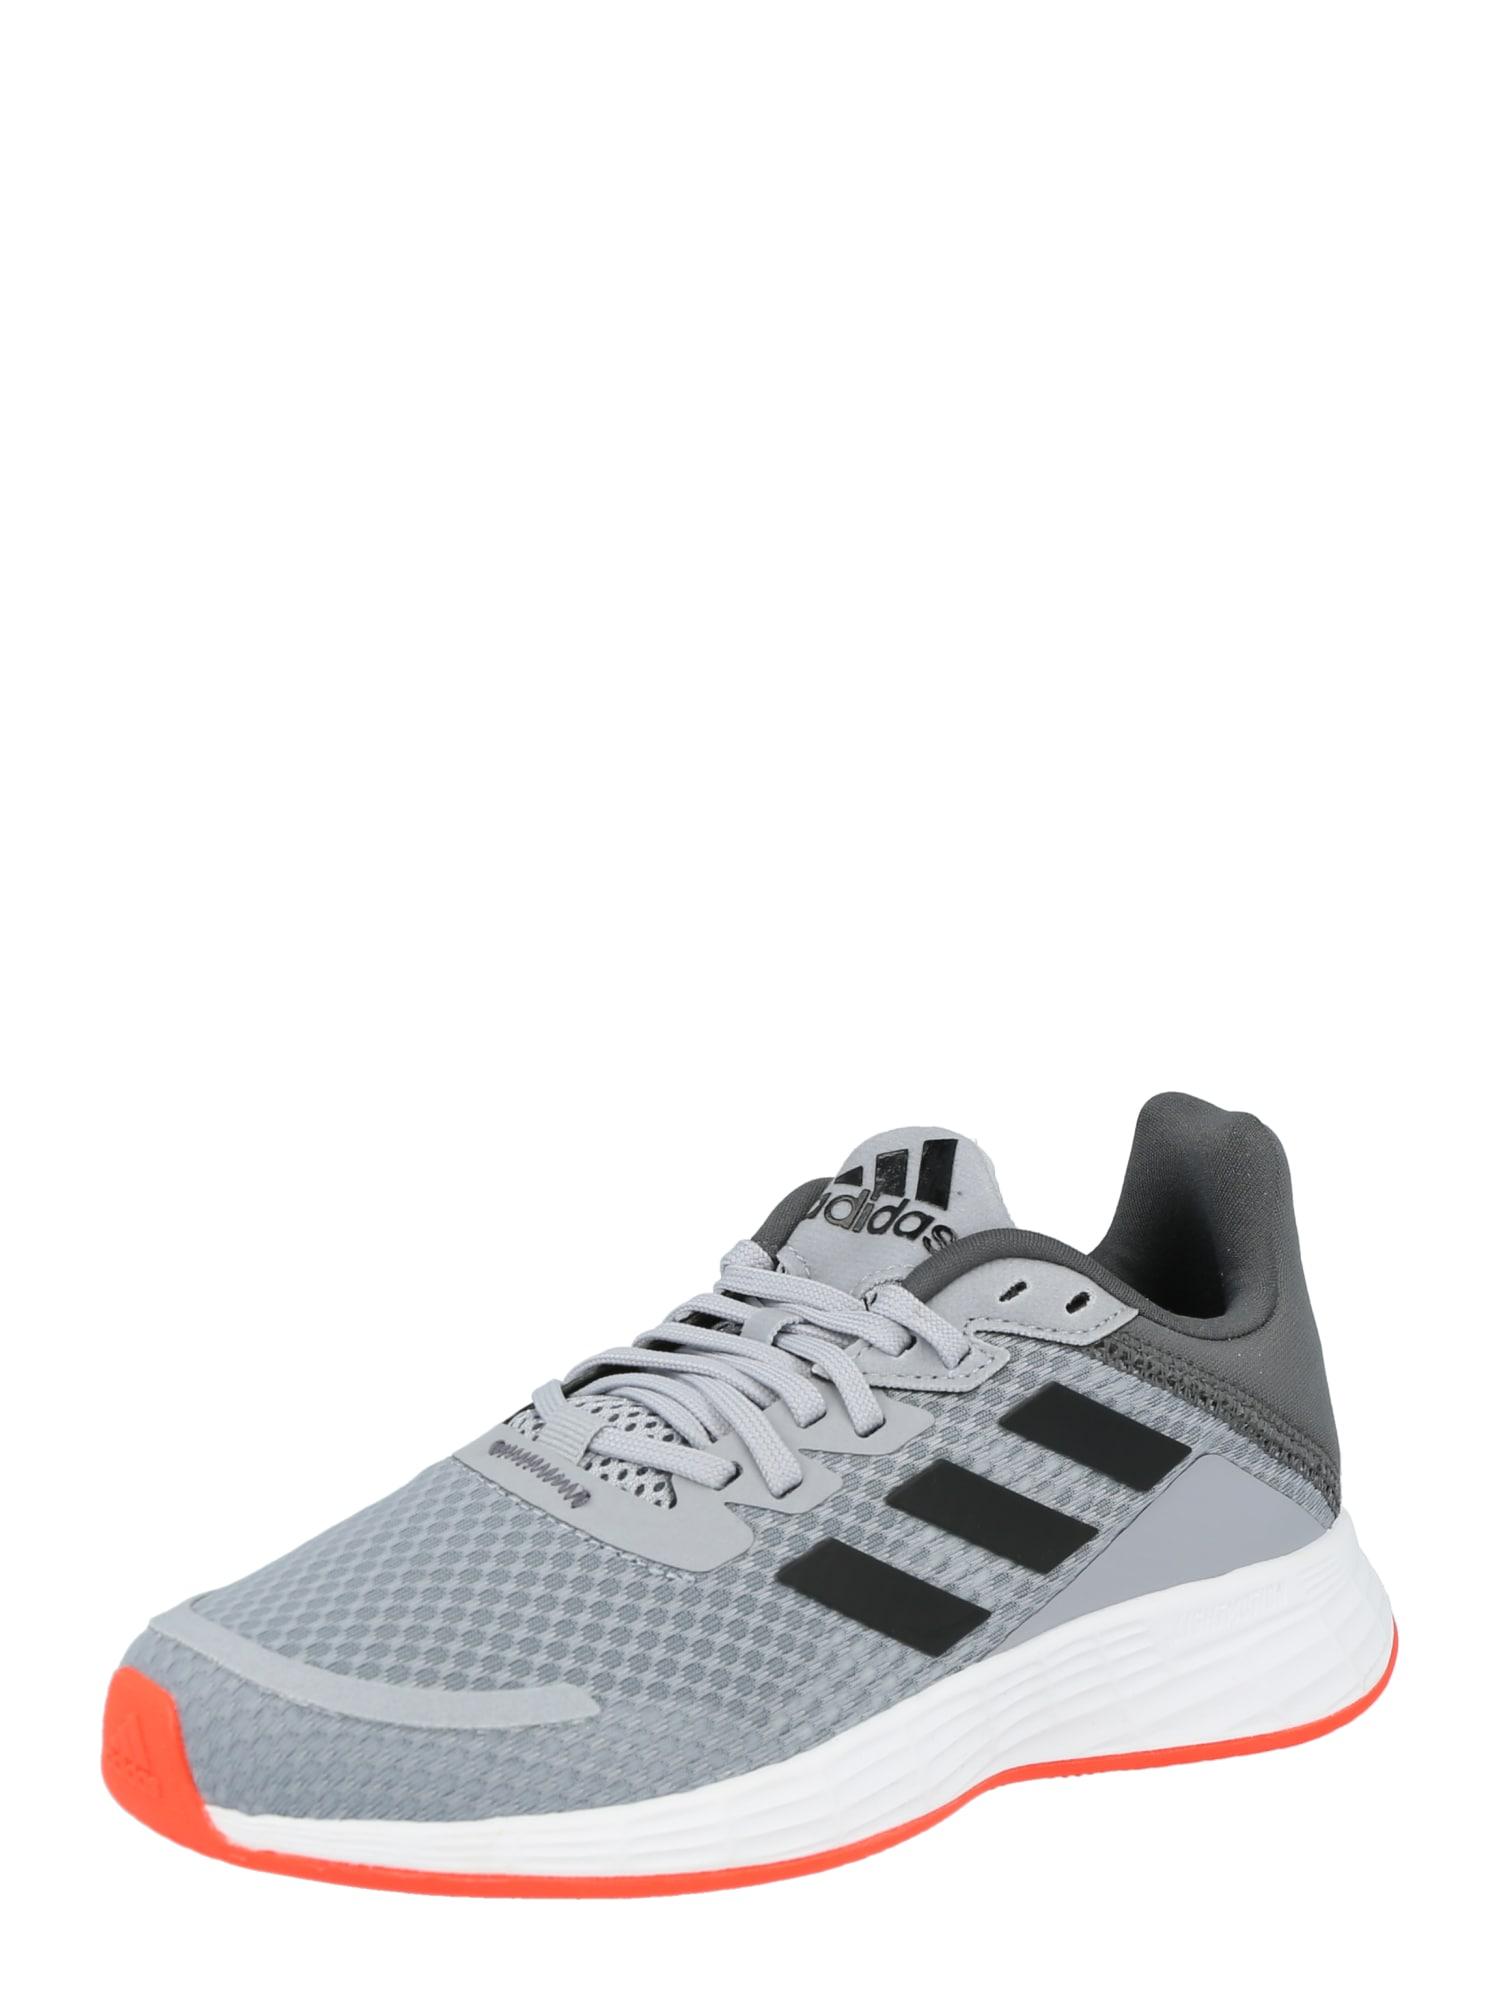 ADIDAS PERFORMANCE Sportiniai batai 'Duramo' šviesiai pilka / juoda